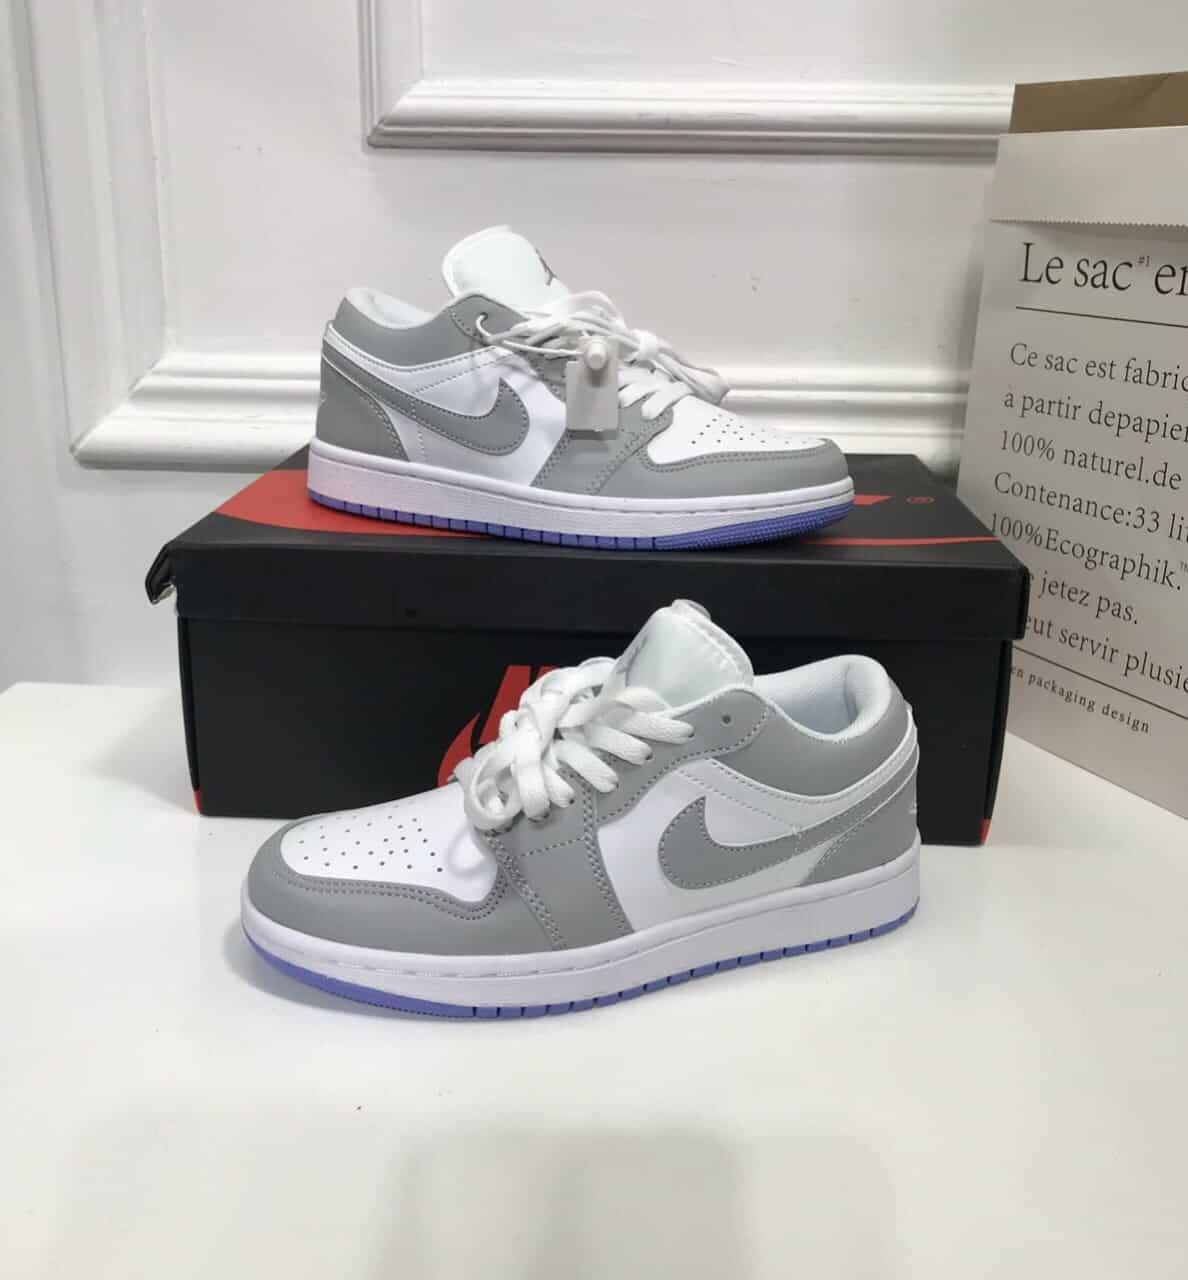 Giày thể thao Jordan